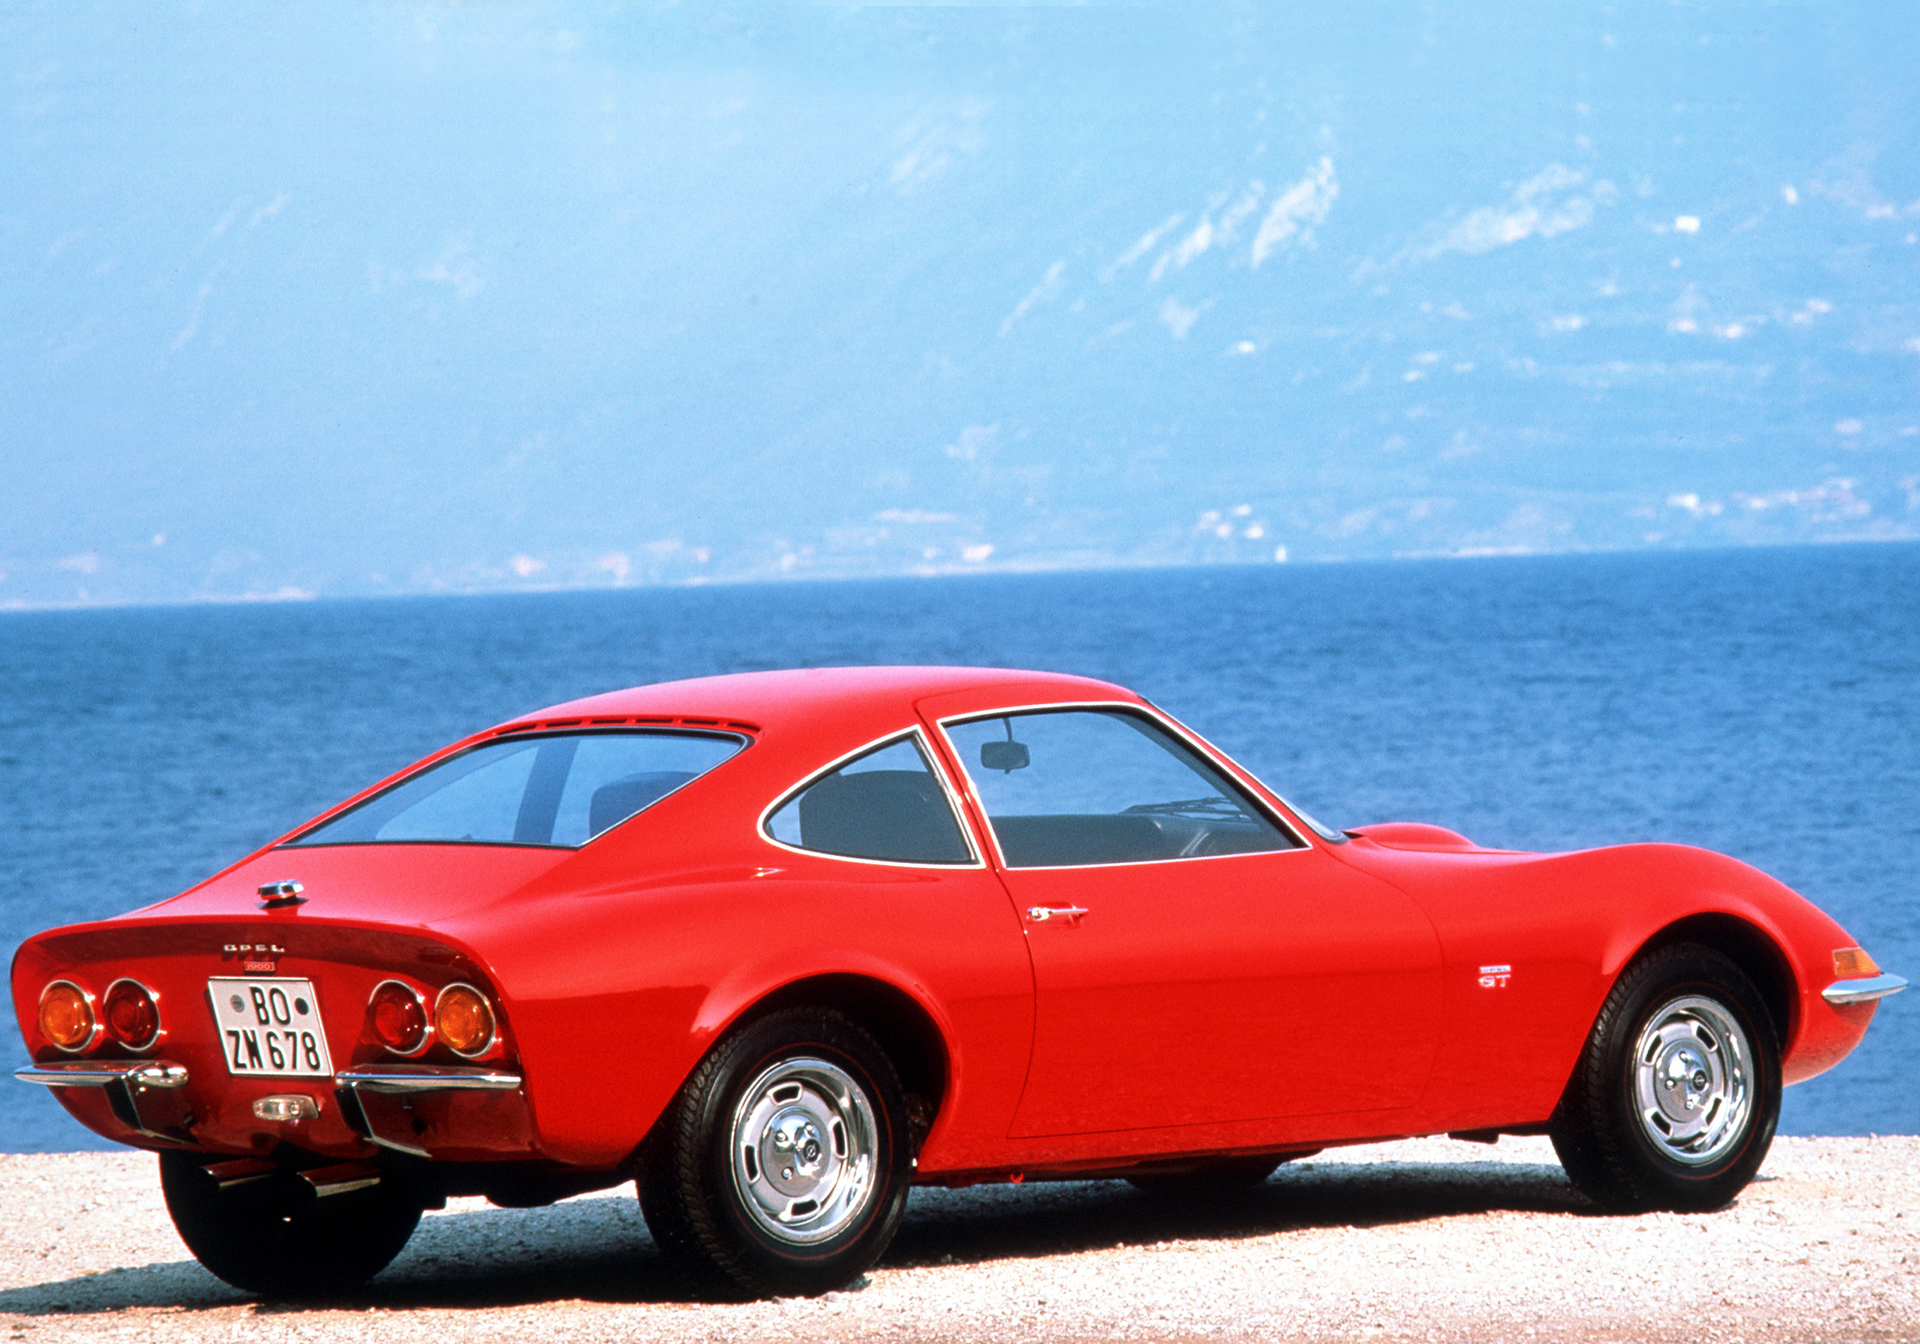 Opel GT - 1968 - arrière / rear - Image - GM Company.